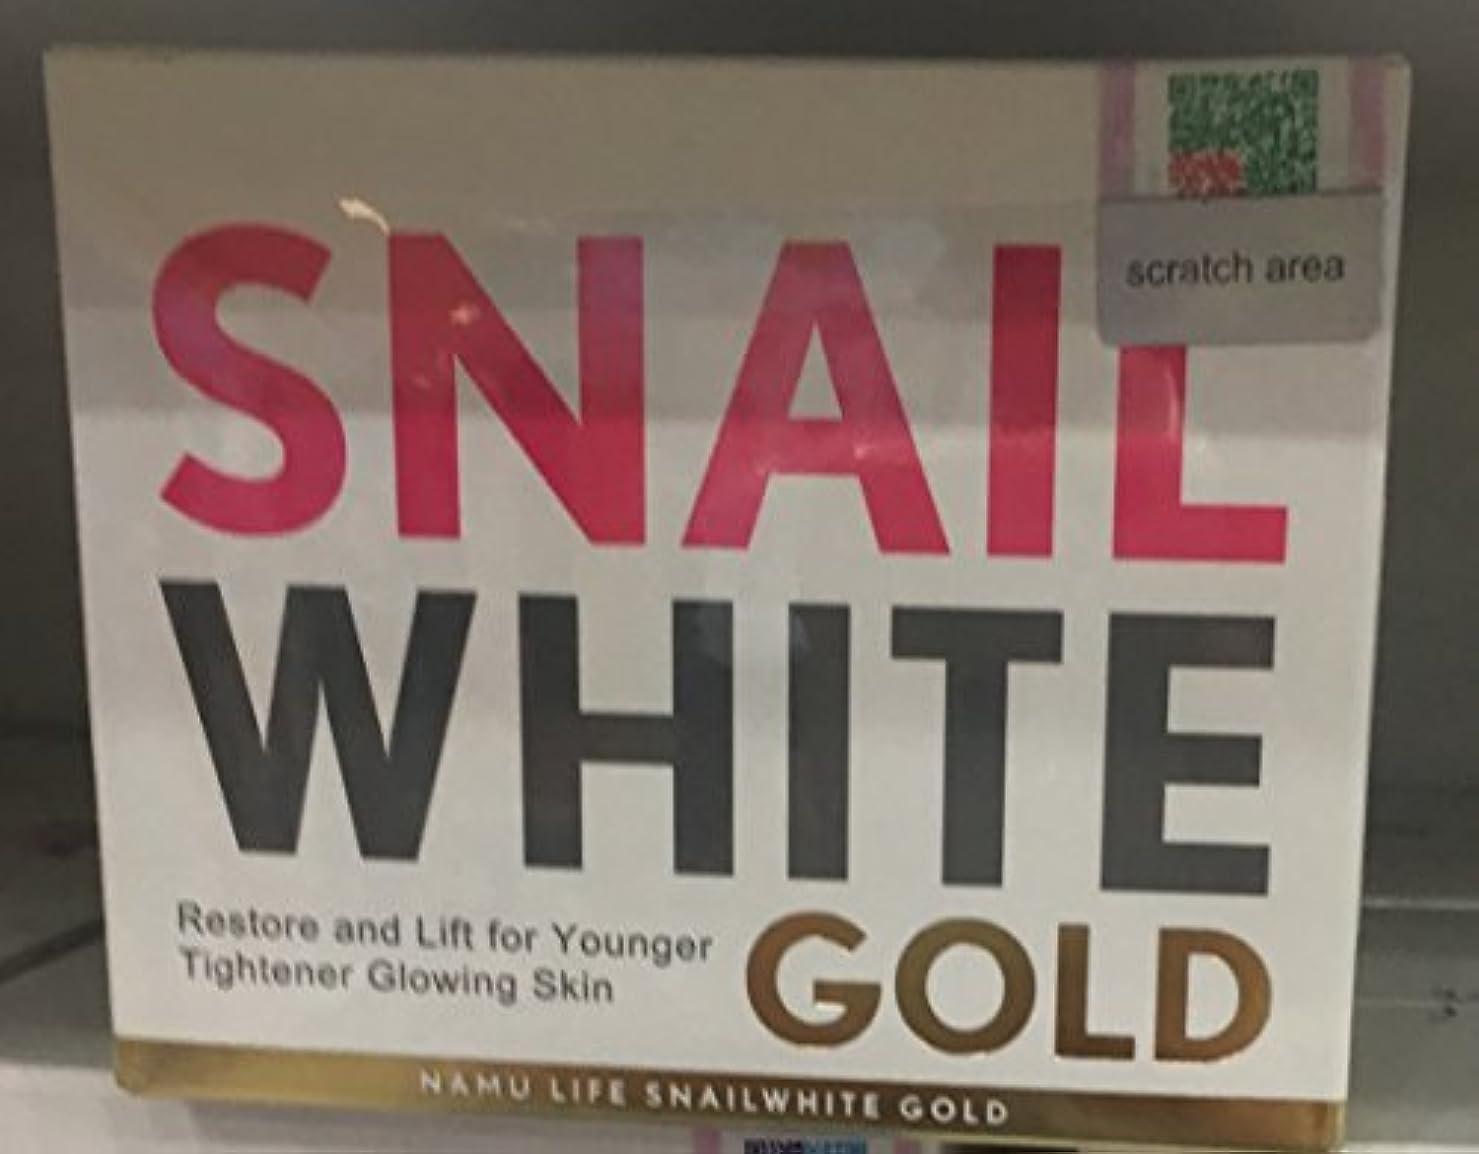 よろめく感謝している電圧ナムライフスパイニングゴールド50 ml ホワイトニング NAMU LIFE SNAILWHITE GOLD 50 ml